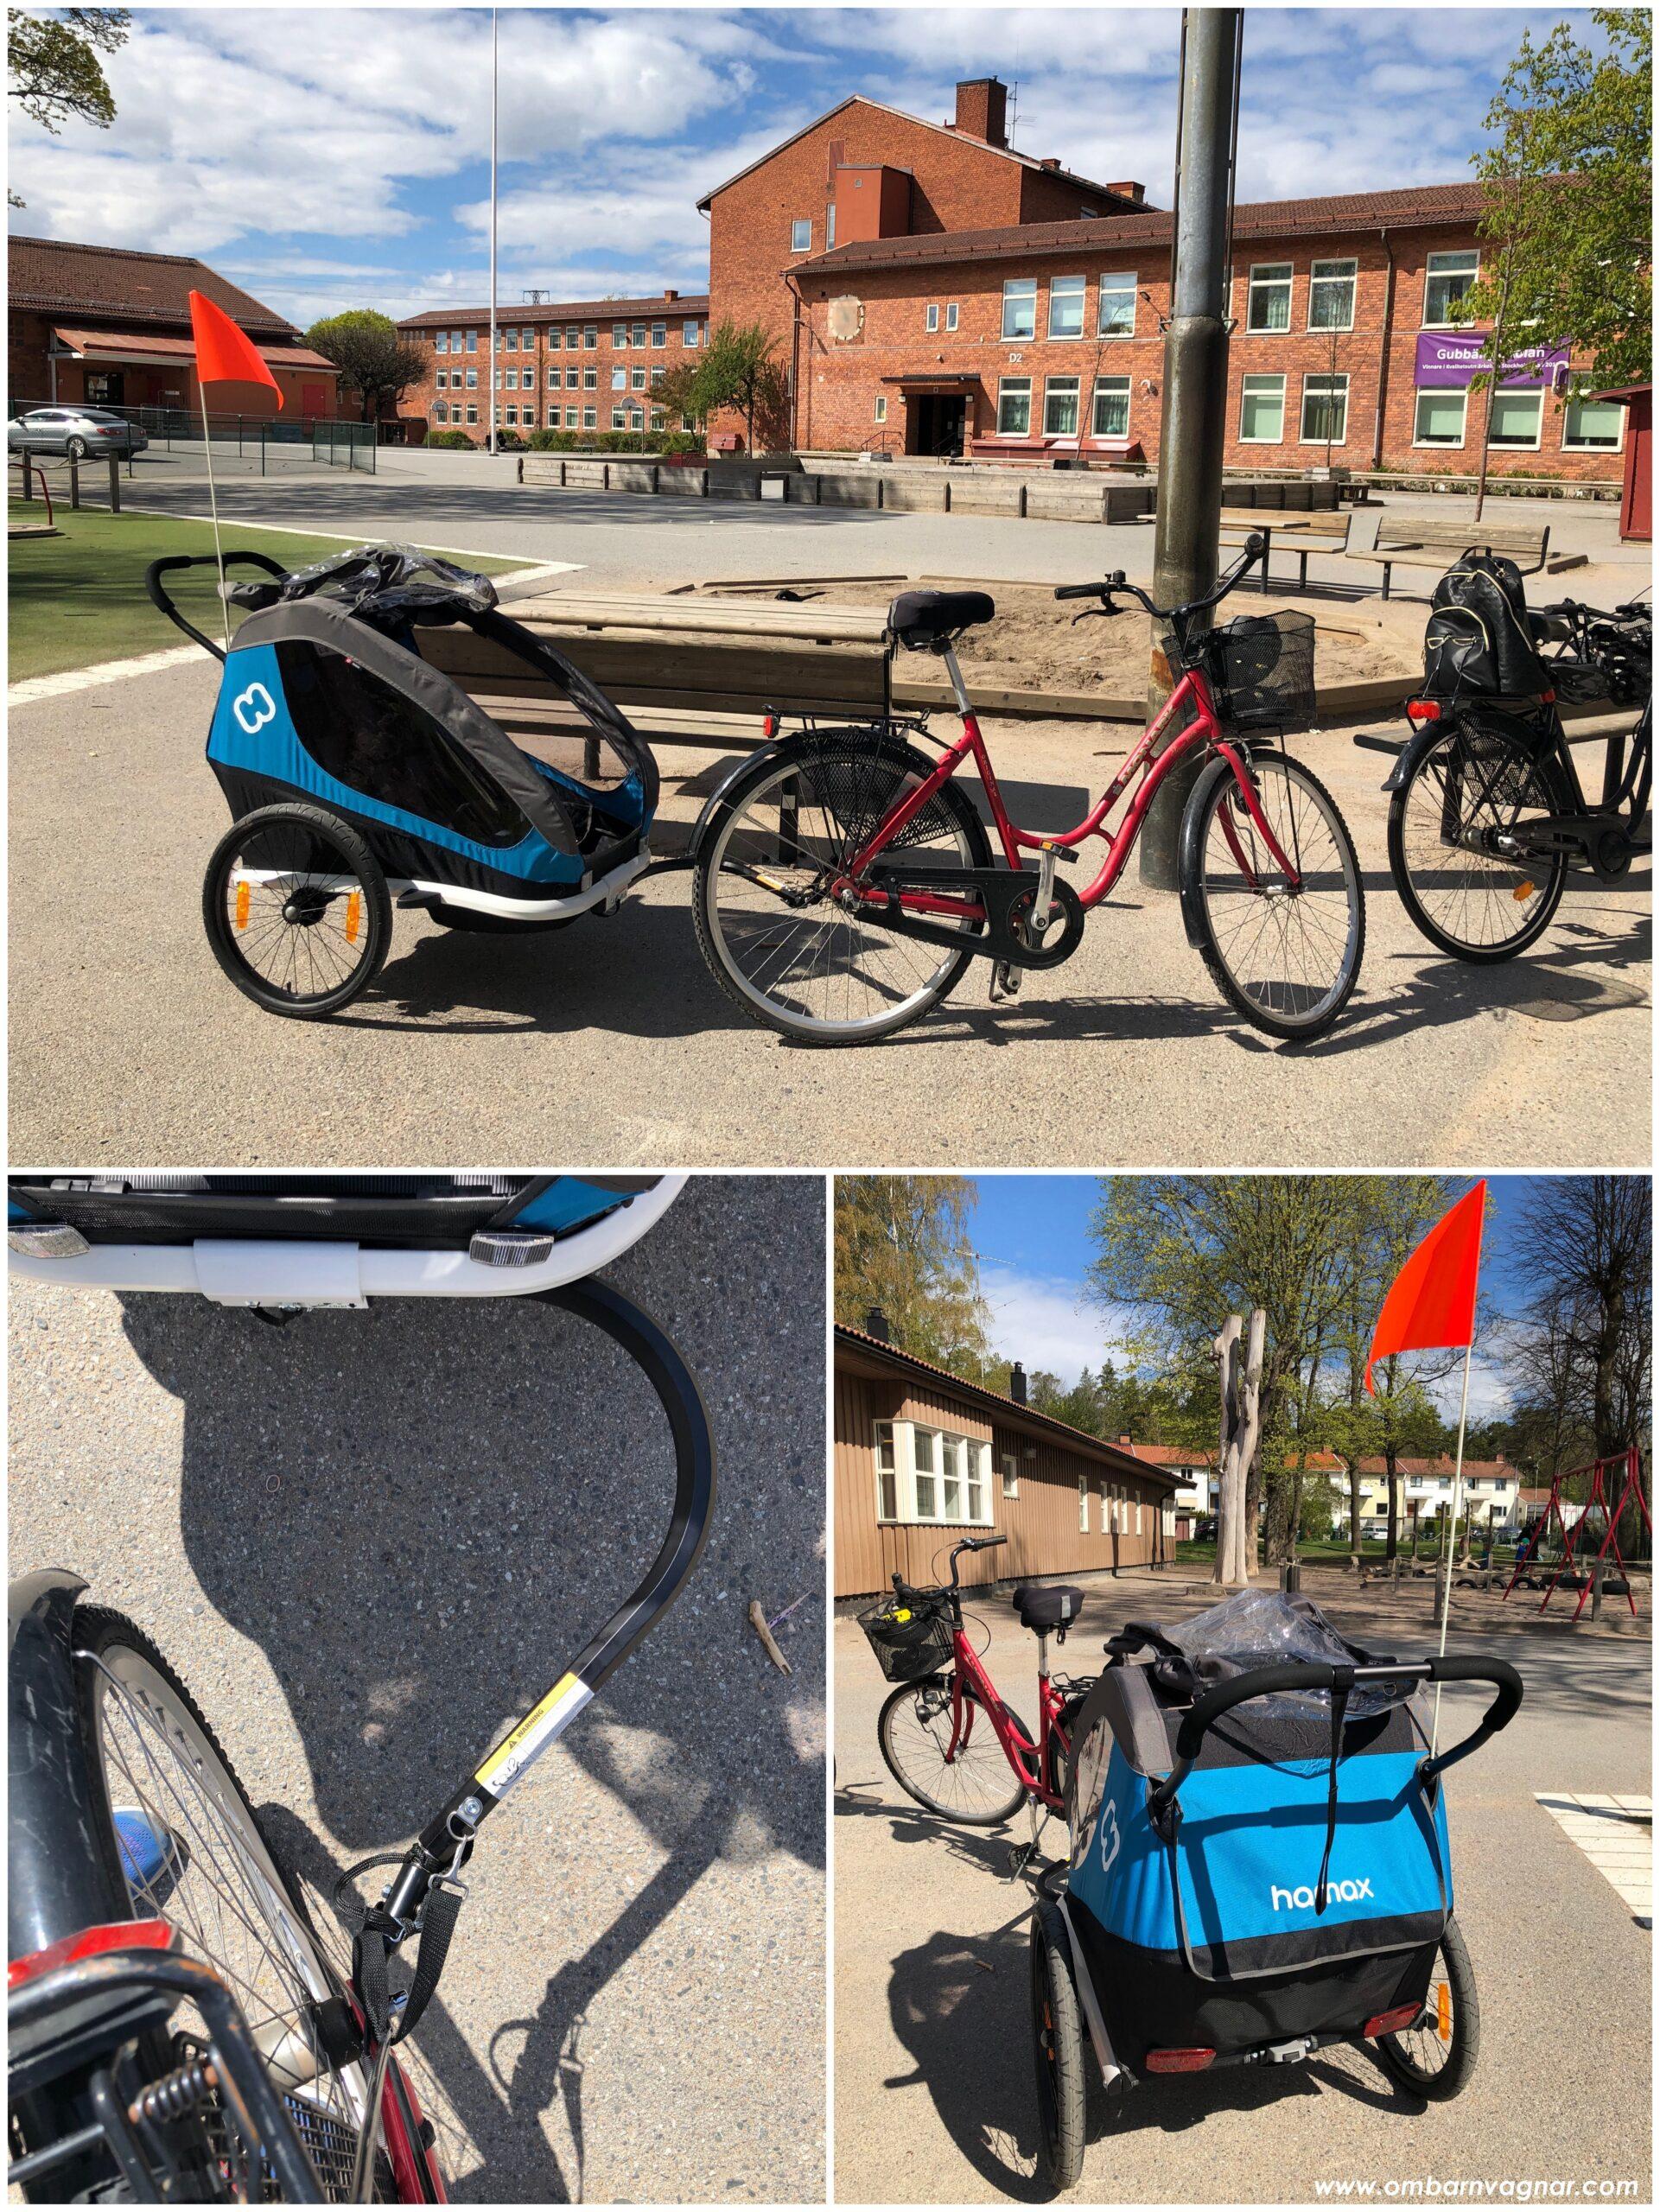 Recension av Hamax Traveller som cykelvagn